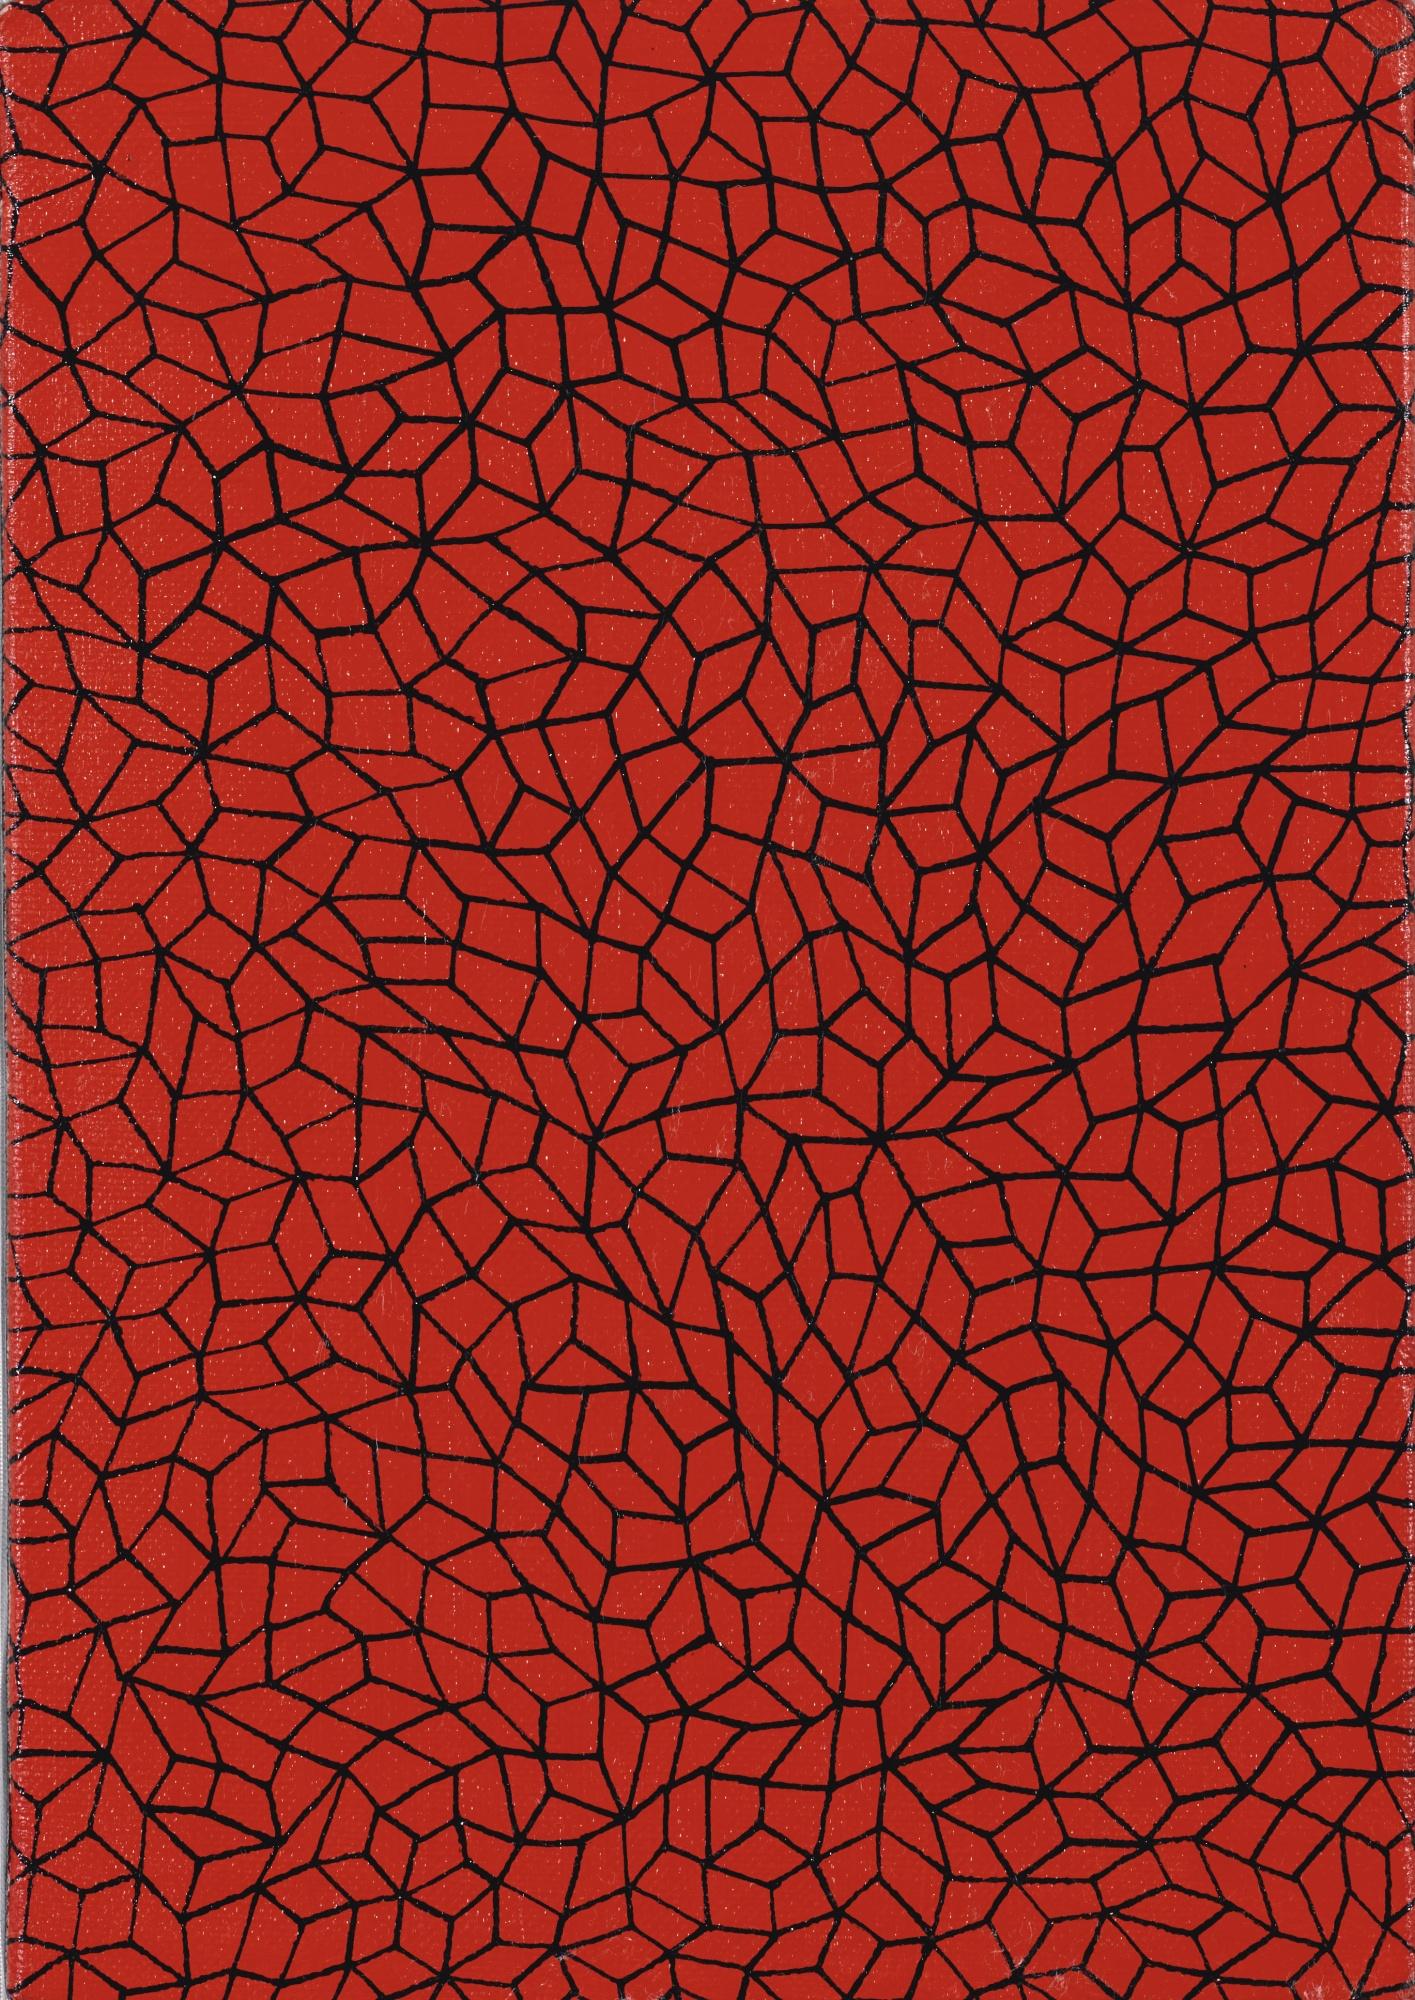 Yayoi Kusama-Infinity-Nets-1992